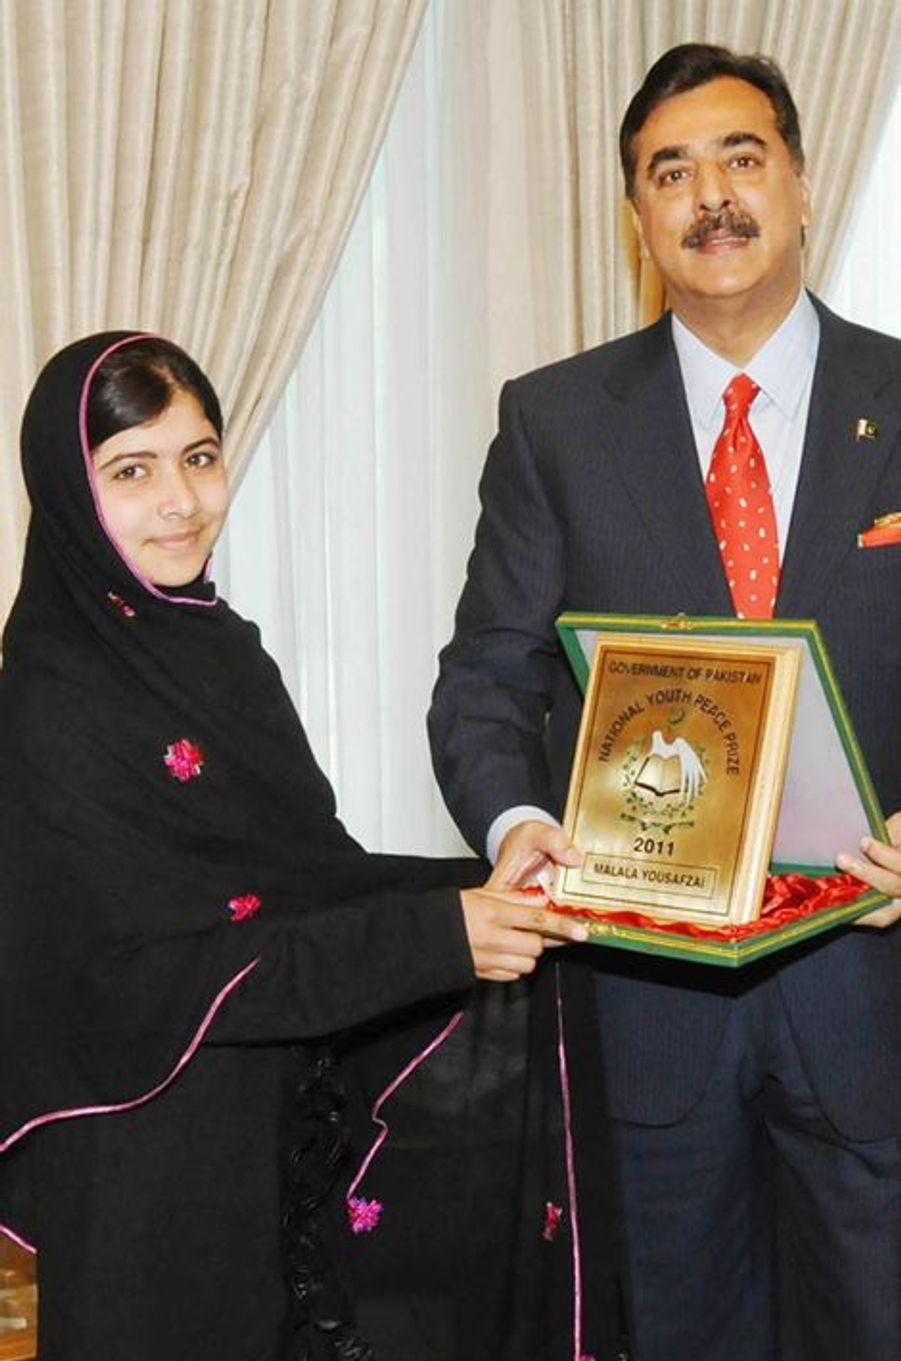 Malala reçoit le prix National Youth Peace des mains du Premier ministre pakistanais Yusuf Raza Gilani, le 20 décembre 2011